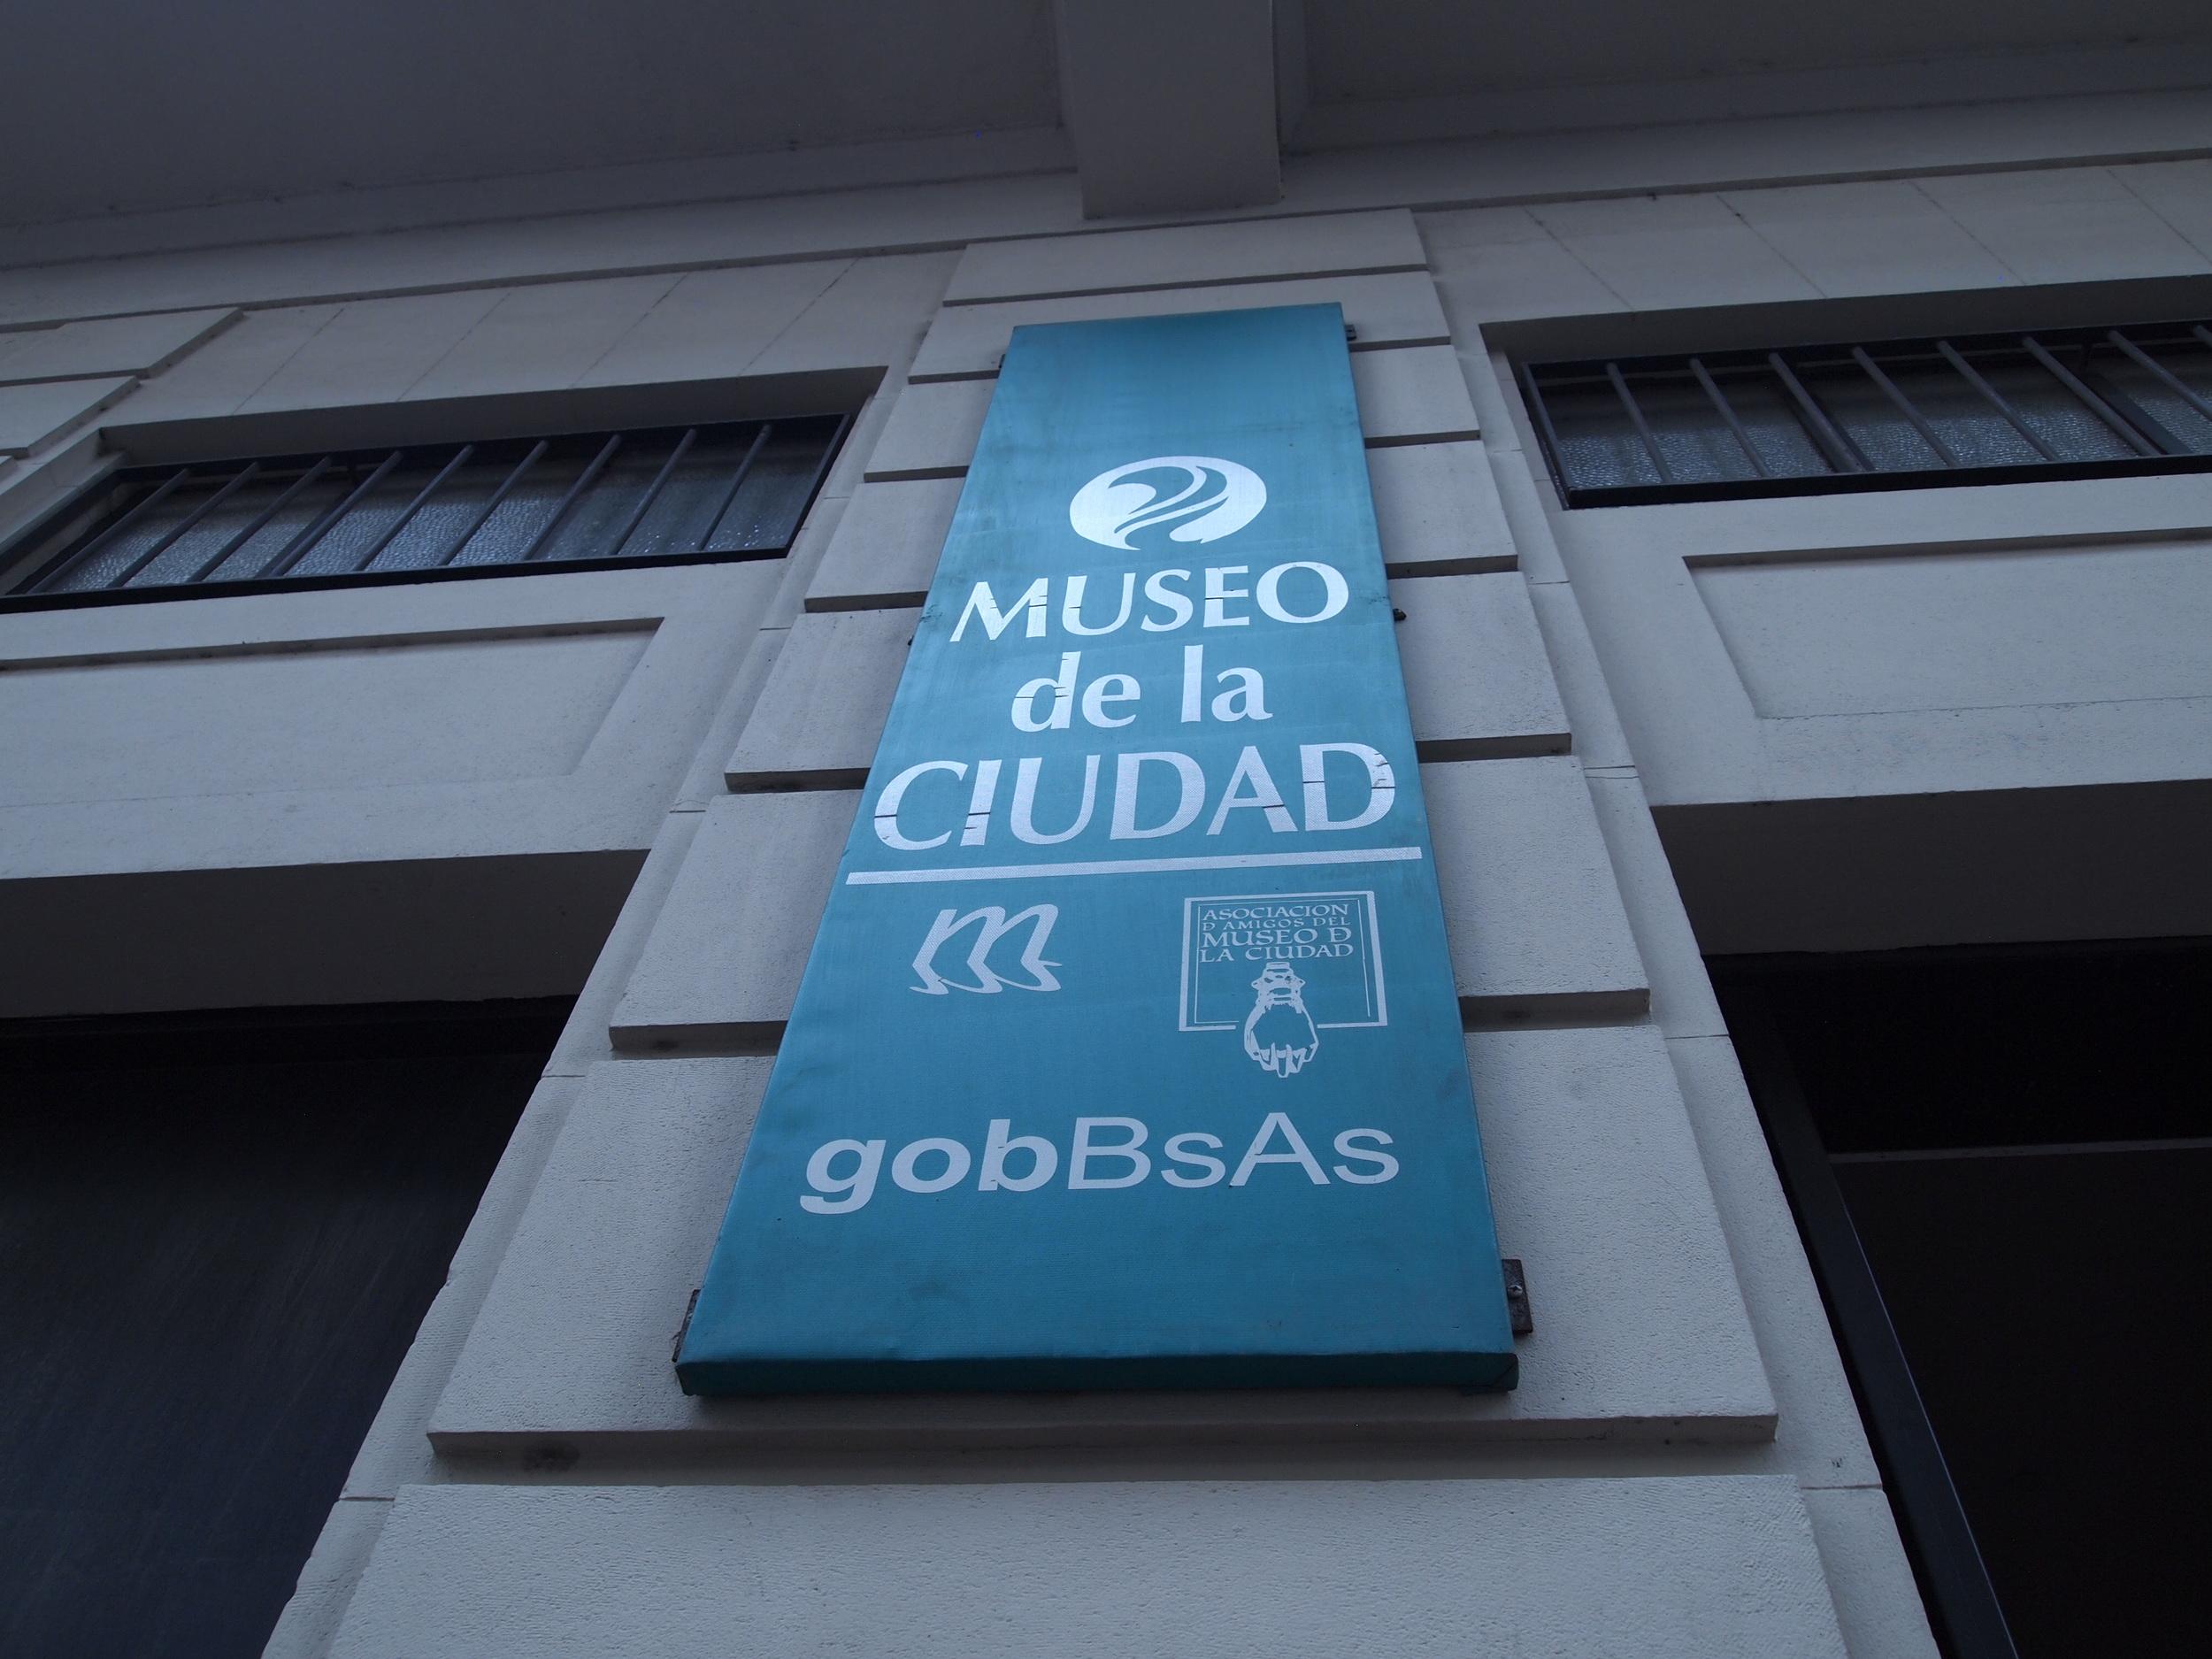 Museo_de_La_Ciudad_San_Telmo9.jpg